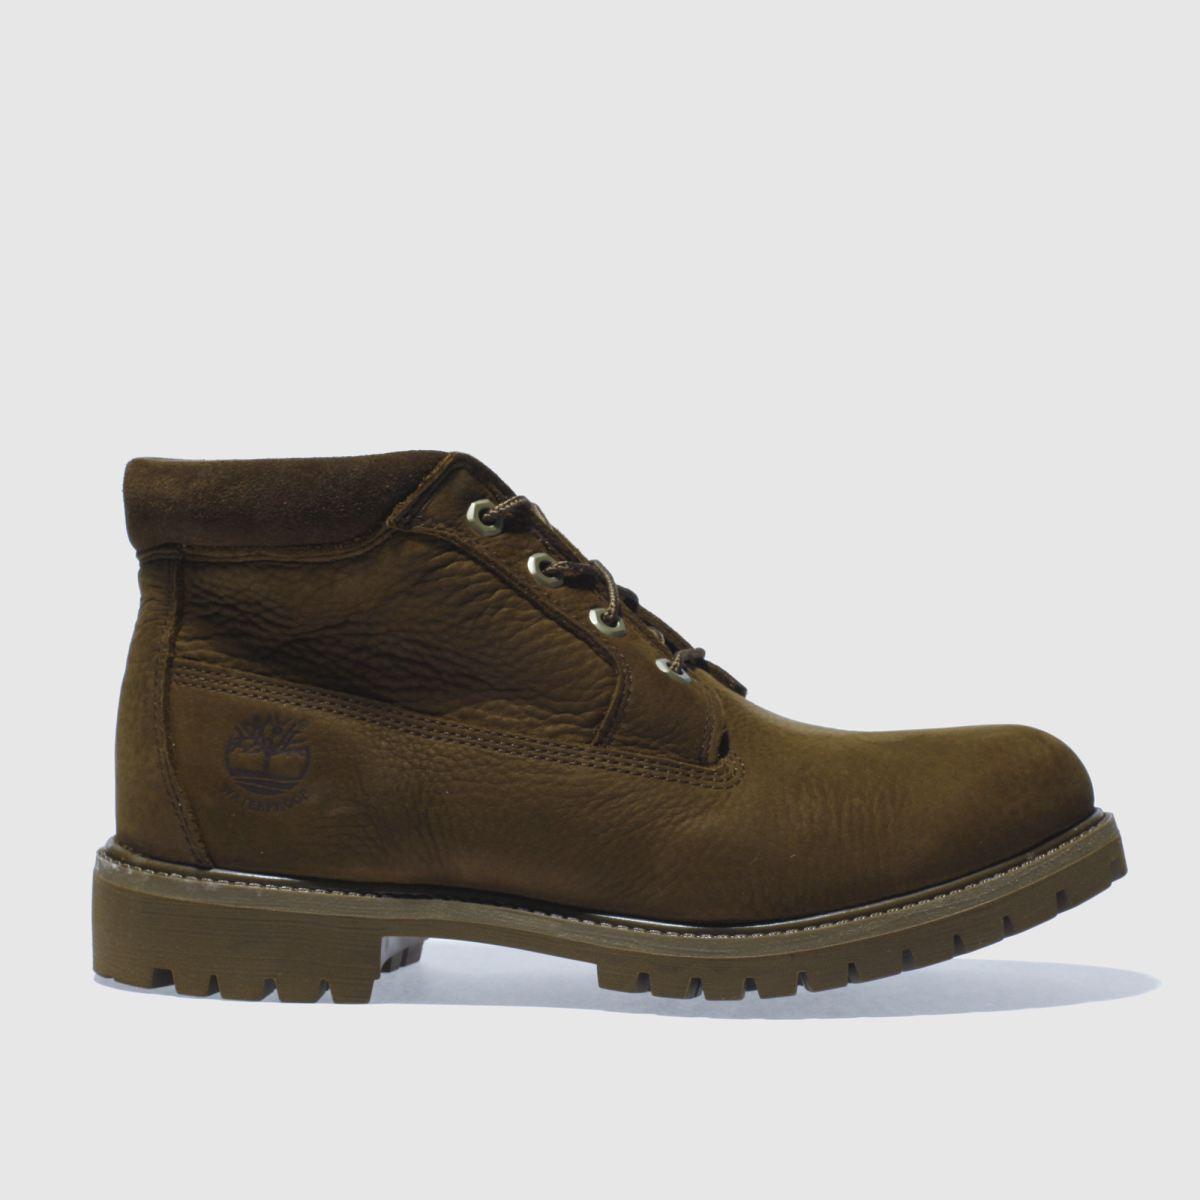 timberland dark brown waterproof chukka boots